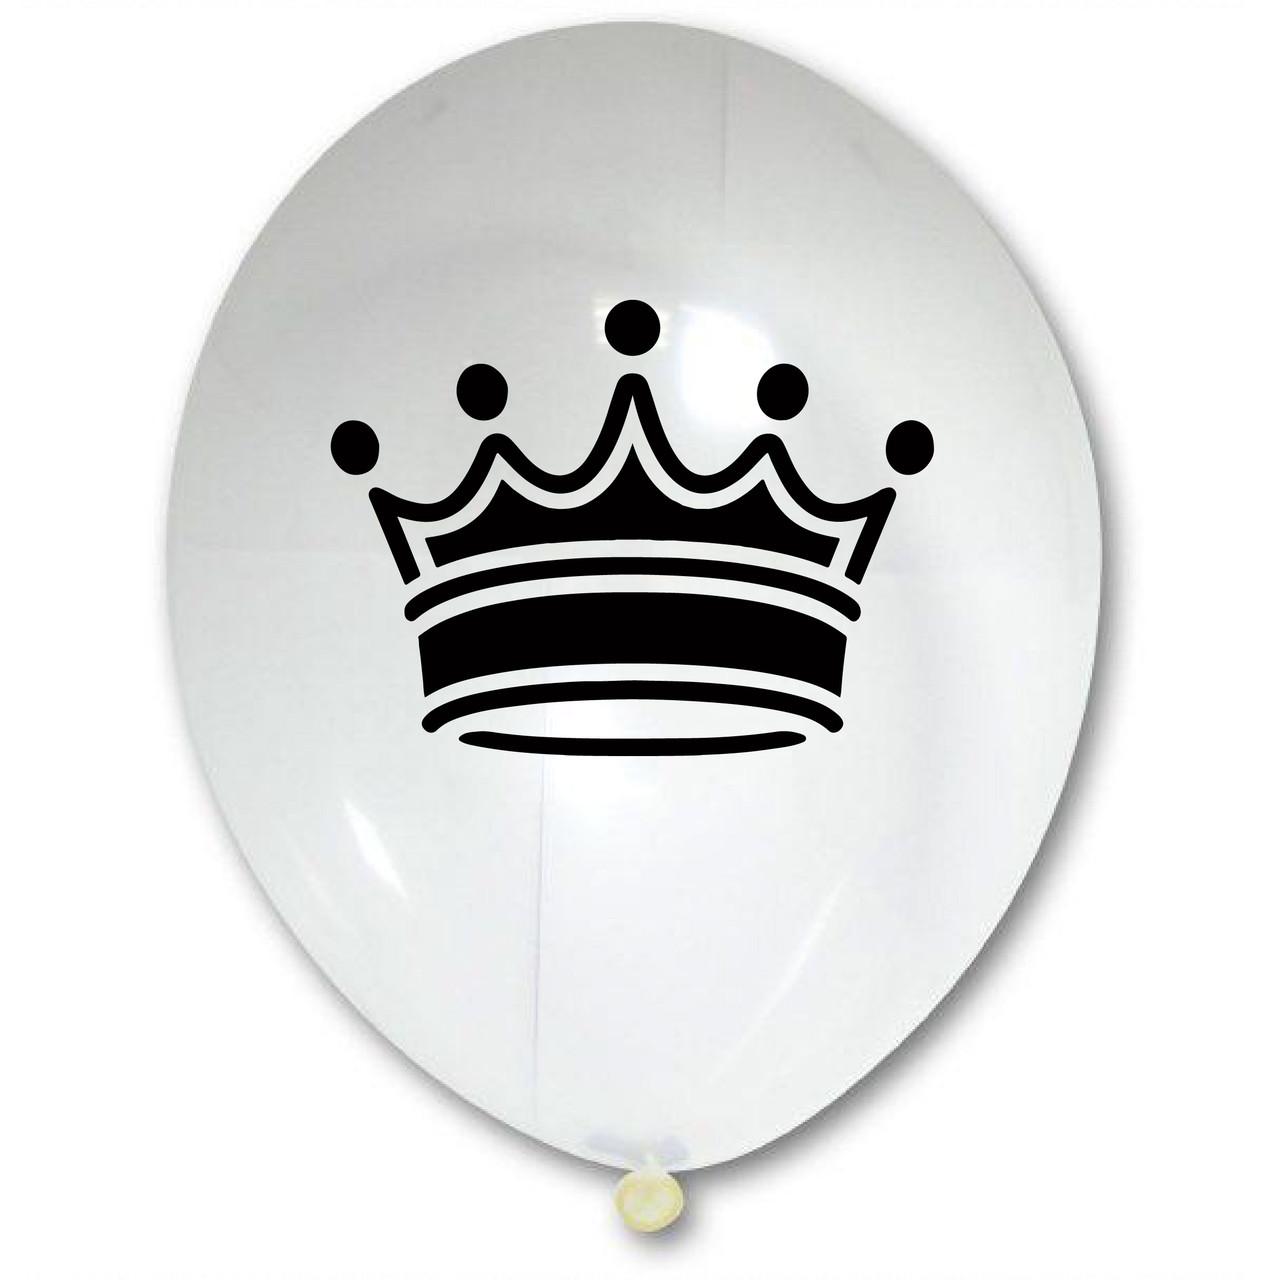 """Латексна кулька 12"""" прозора з малюнком """"Корона"""" (КИТАЙ)"""